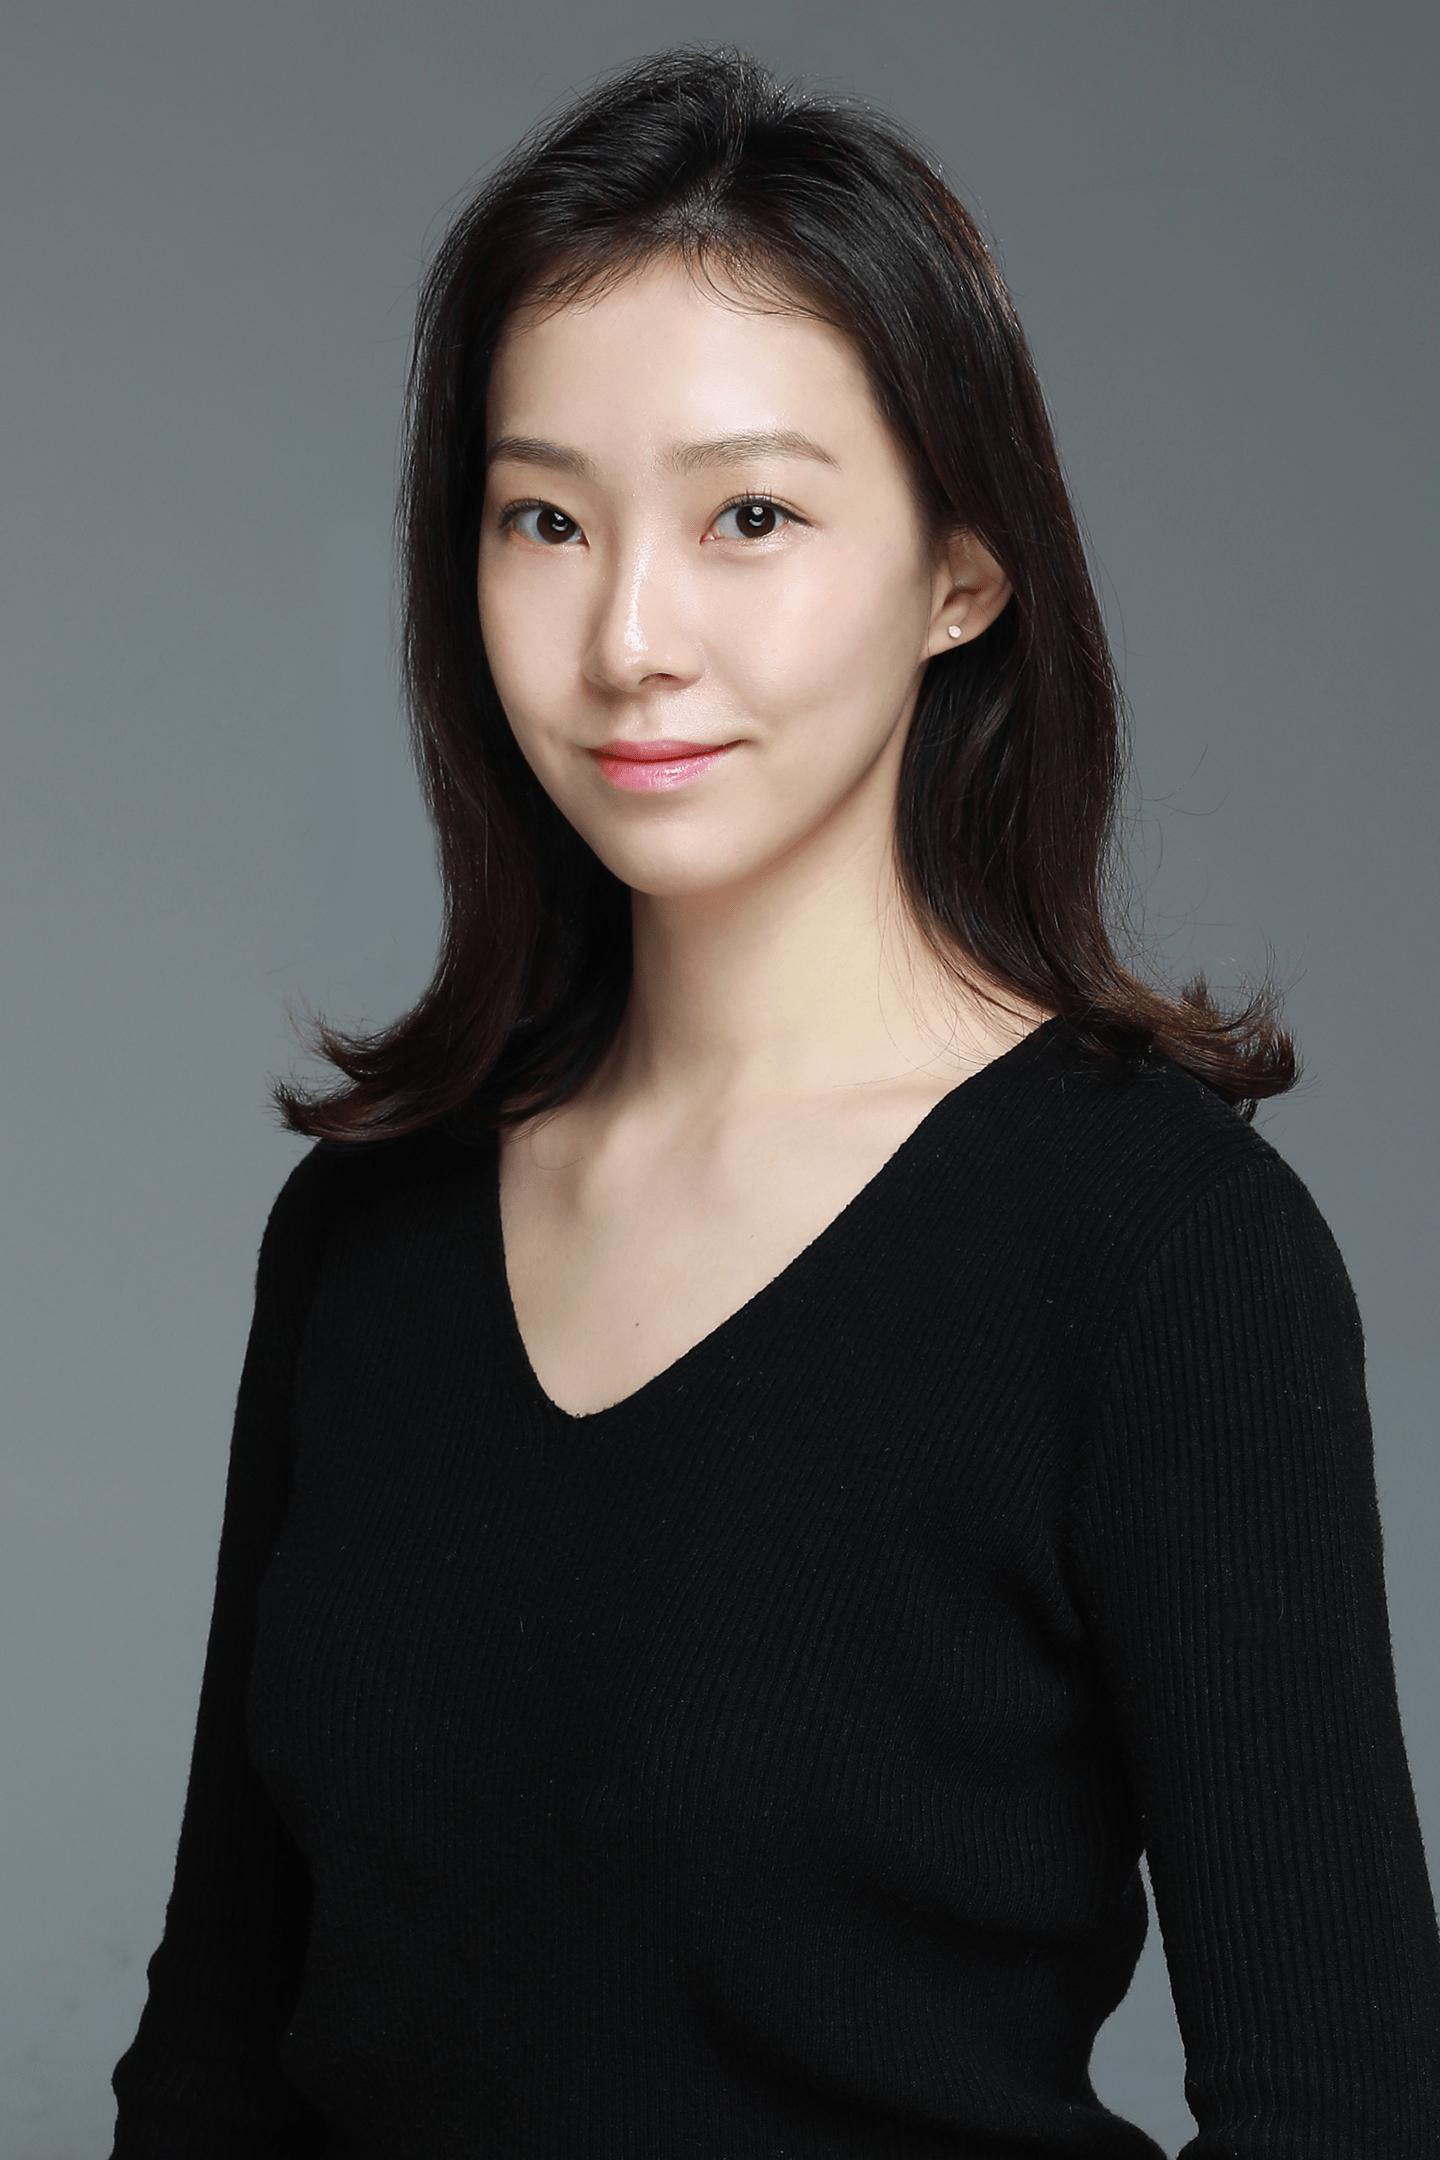 김미정프로필사진-min.png